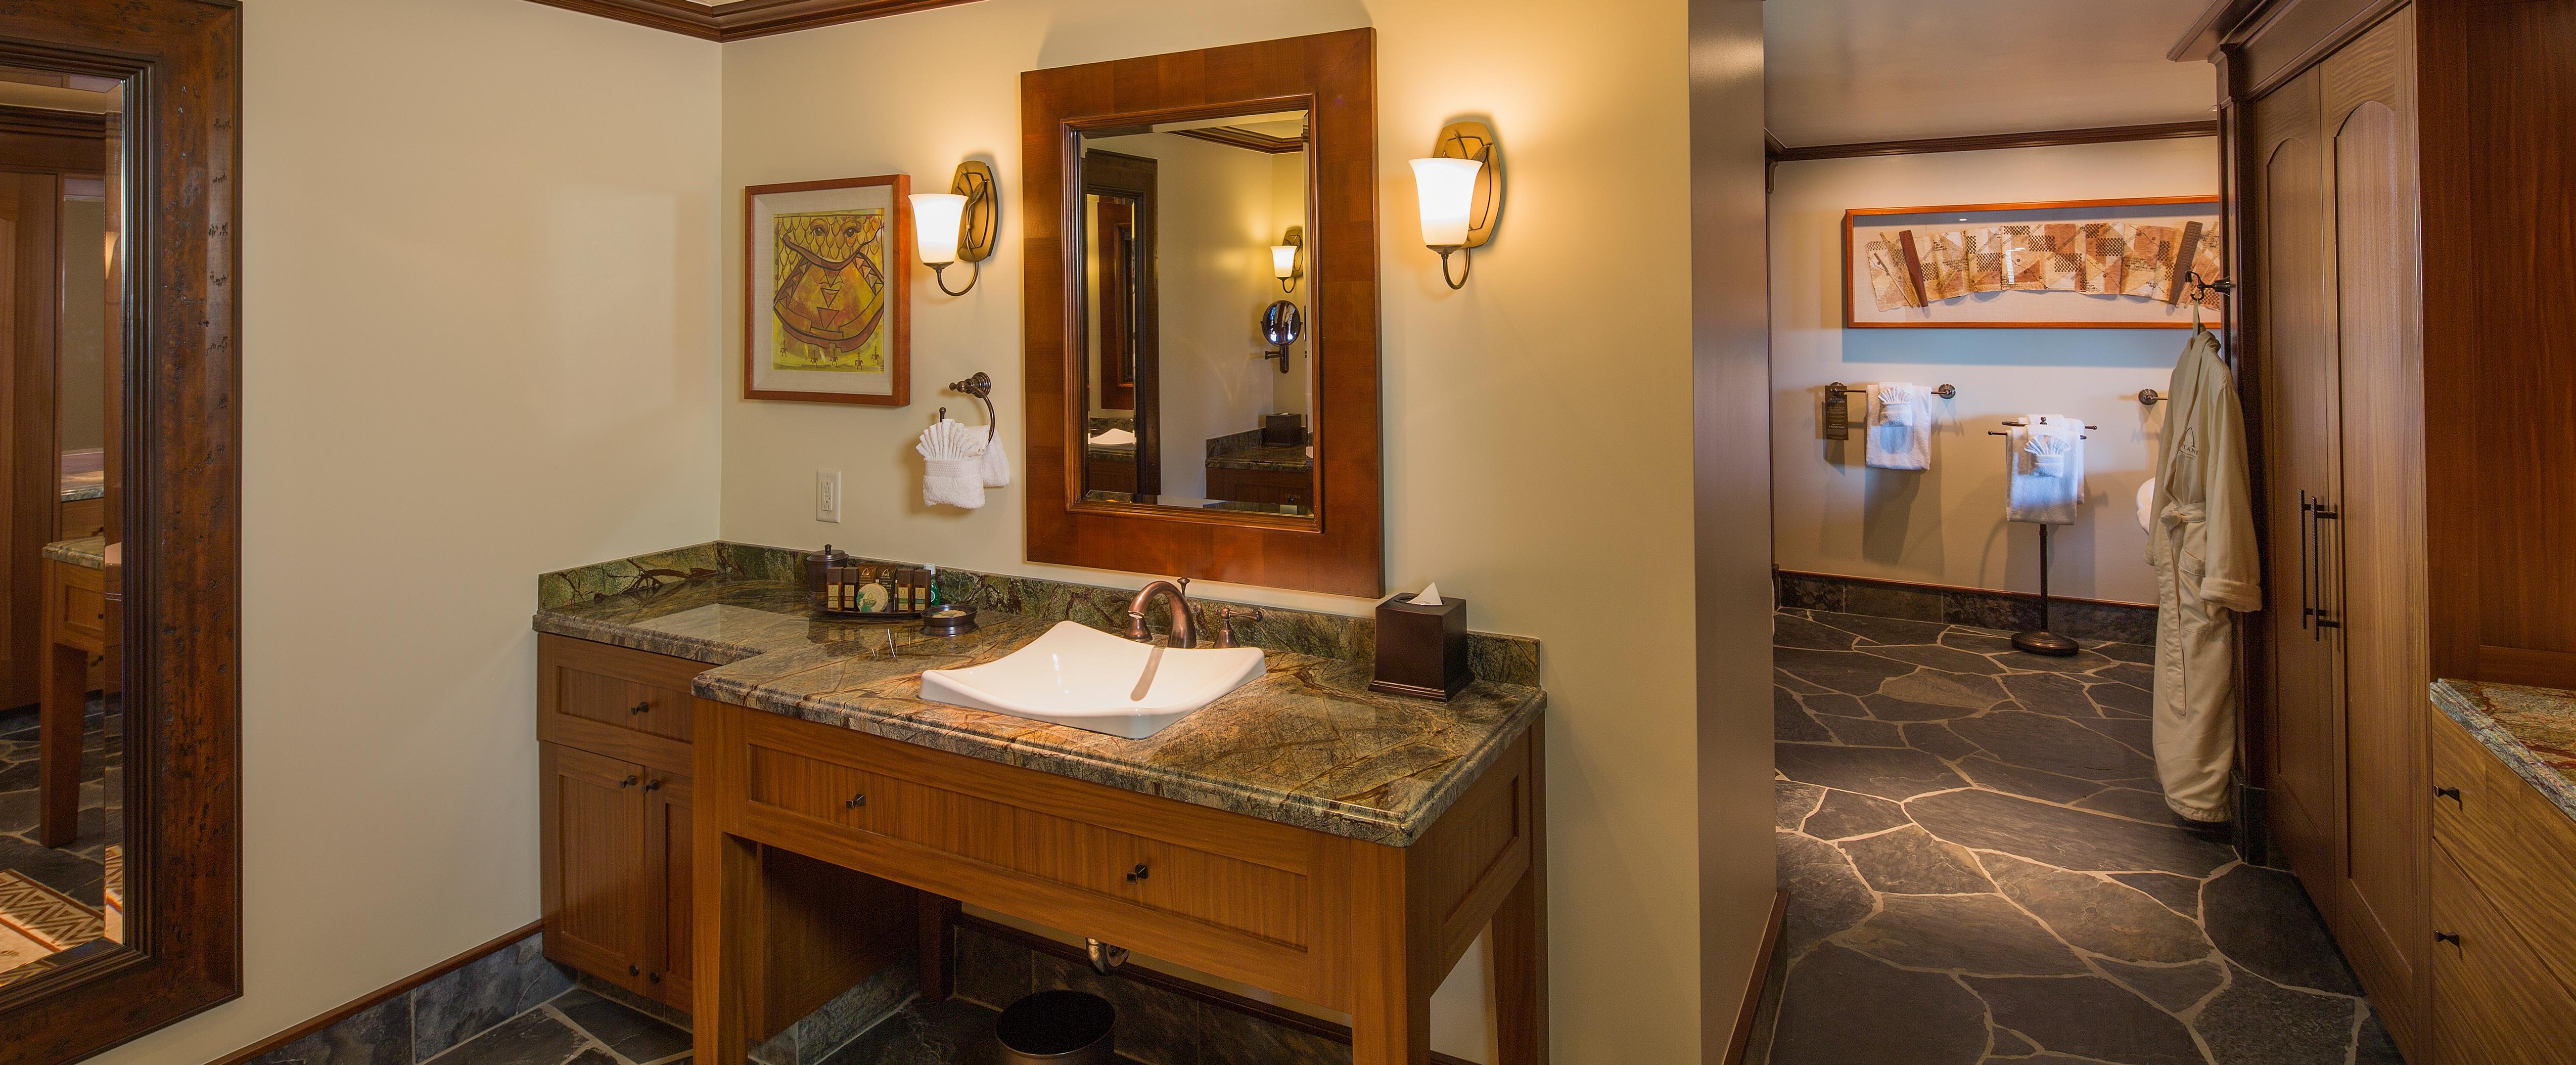 アウラニの 2 ベッドルーム・ヴィラのバスルームにある洗面台